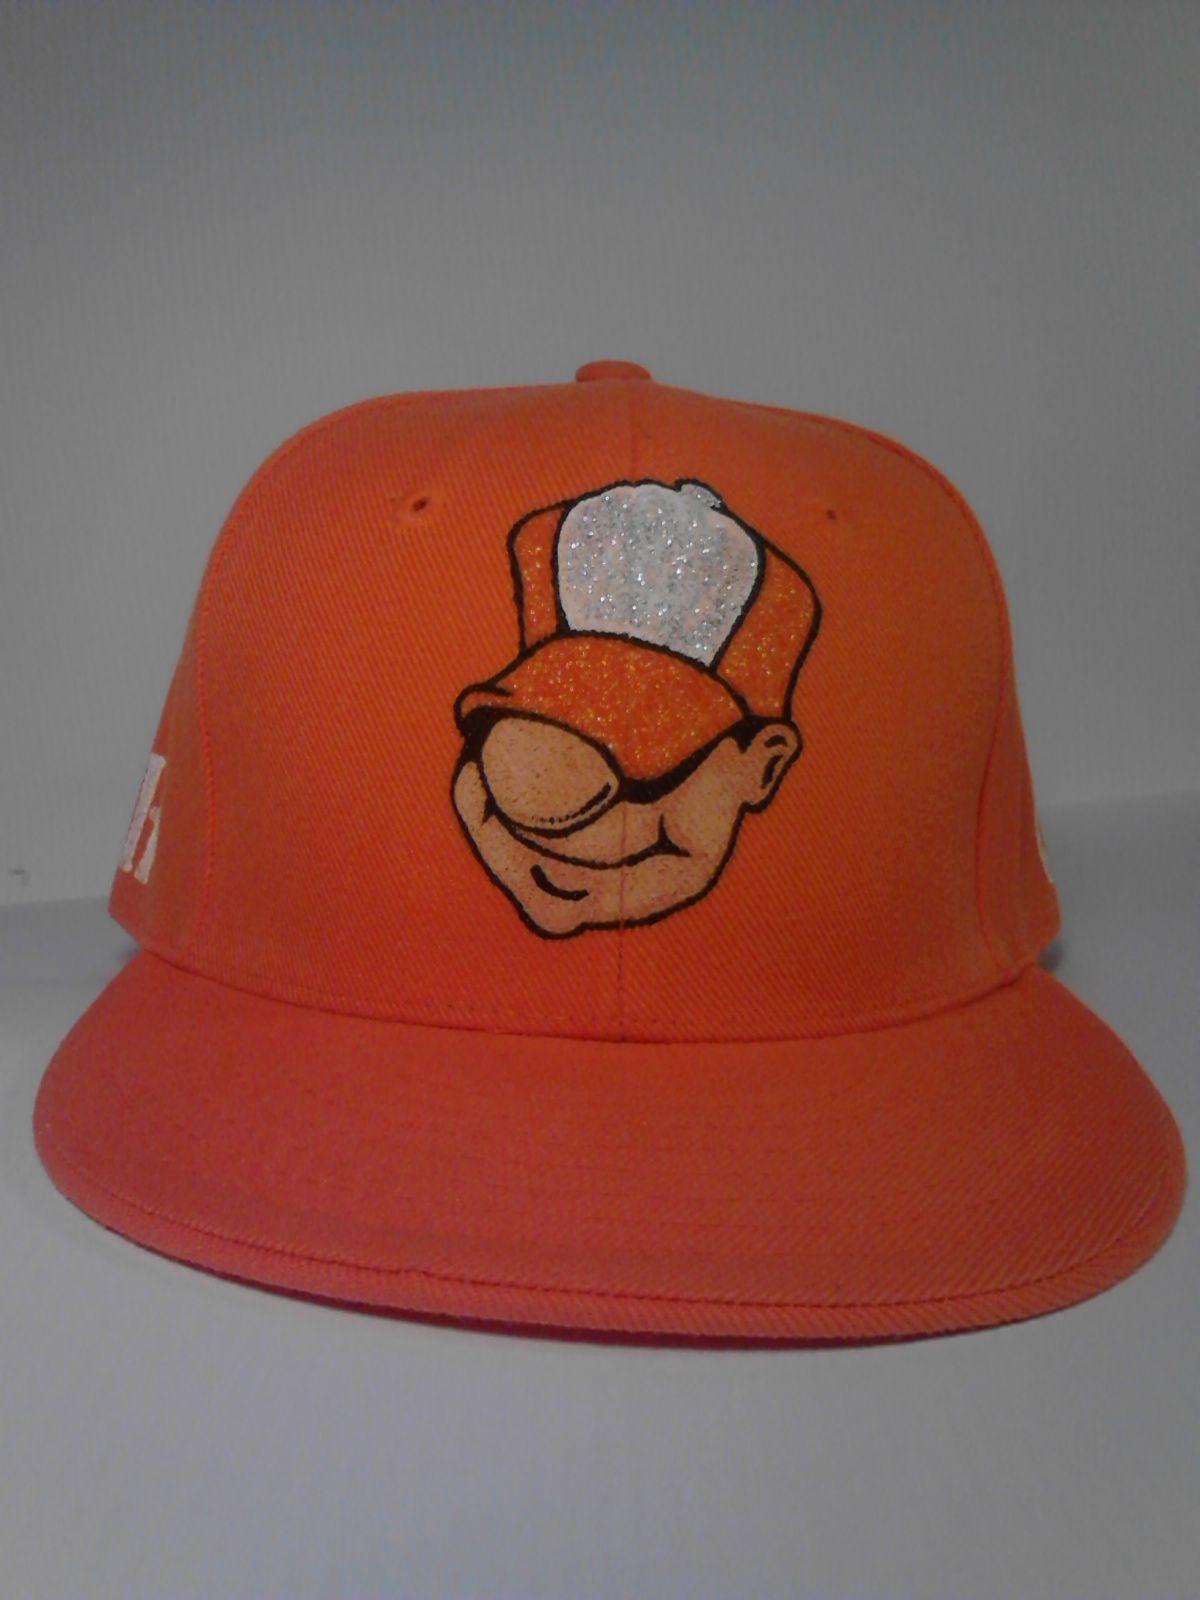 c7b8134cf Home Depot Man hat | Custom Fitted LLC-Husbands Business | Hats ...